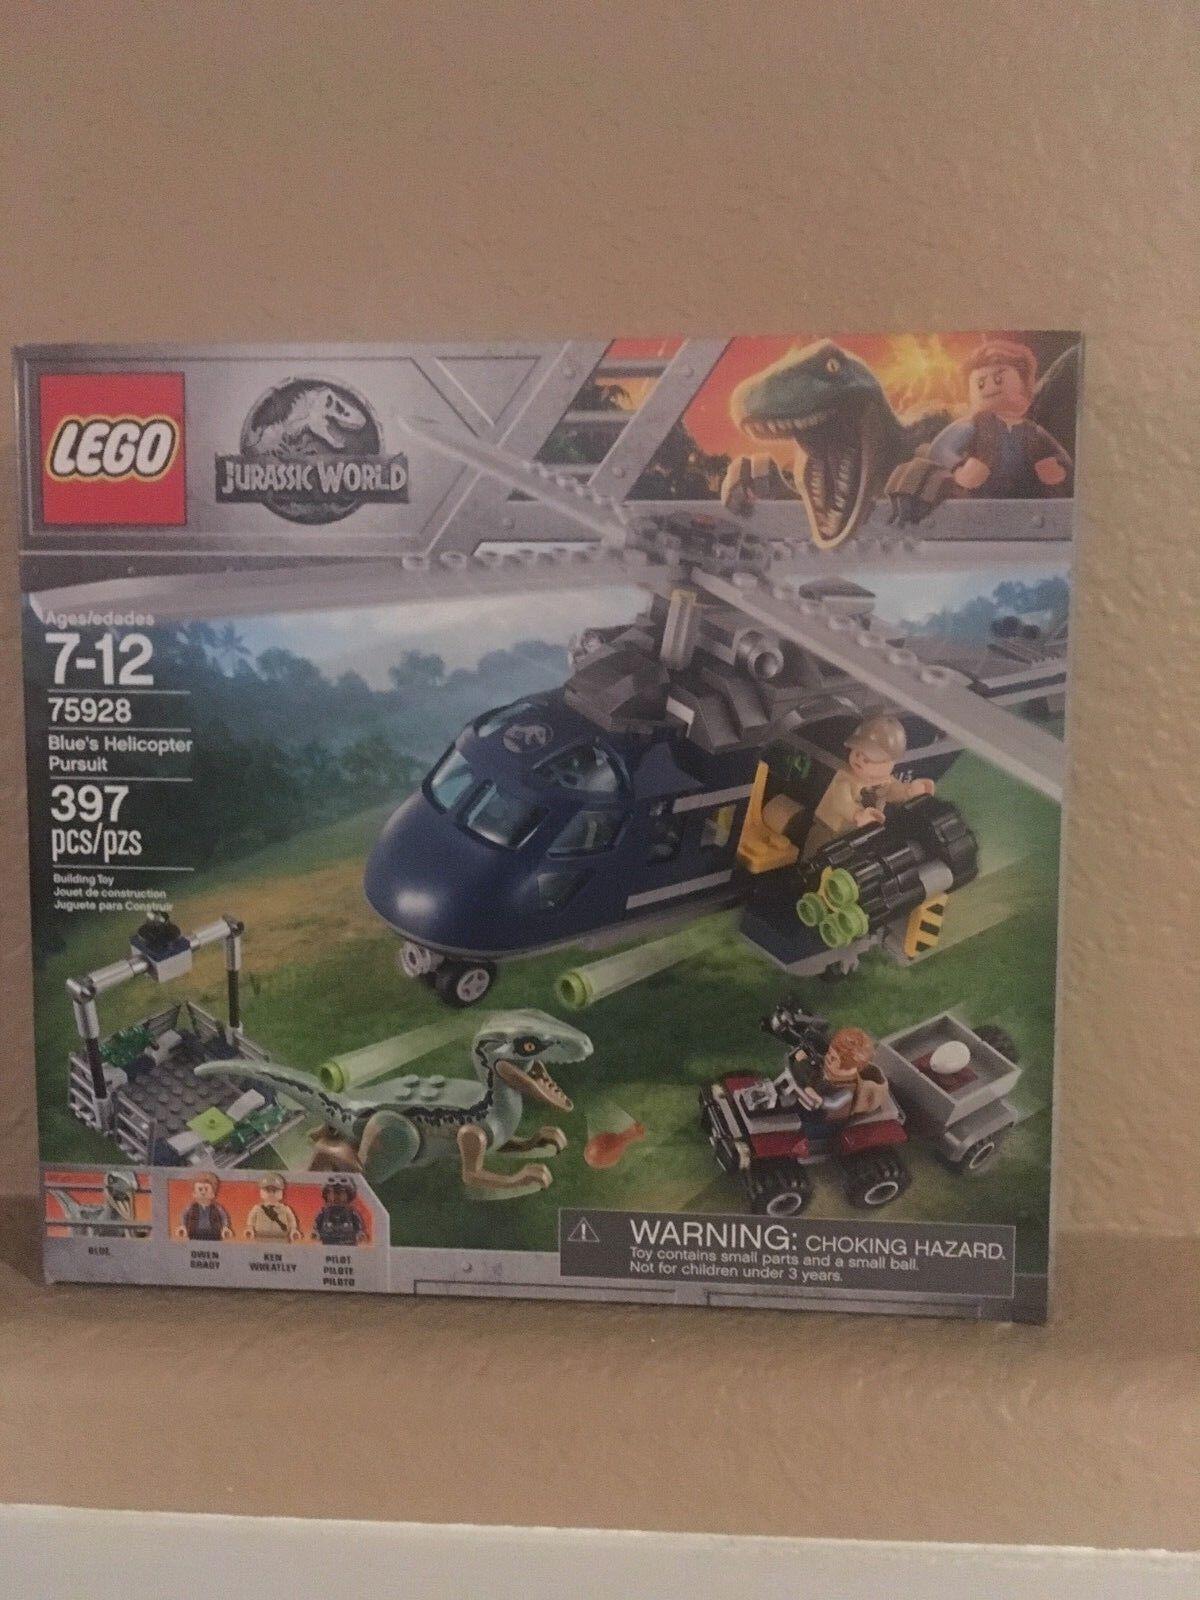 LEGO New Sealedbluee's Helicopter Pursuit Jurassic World Age 7+ 397 Pcs